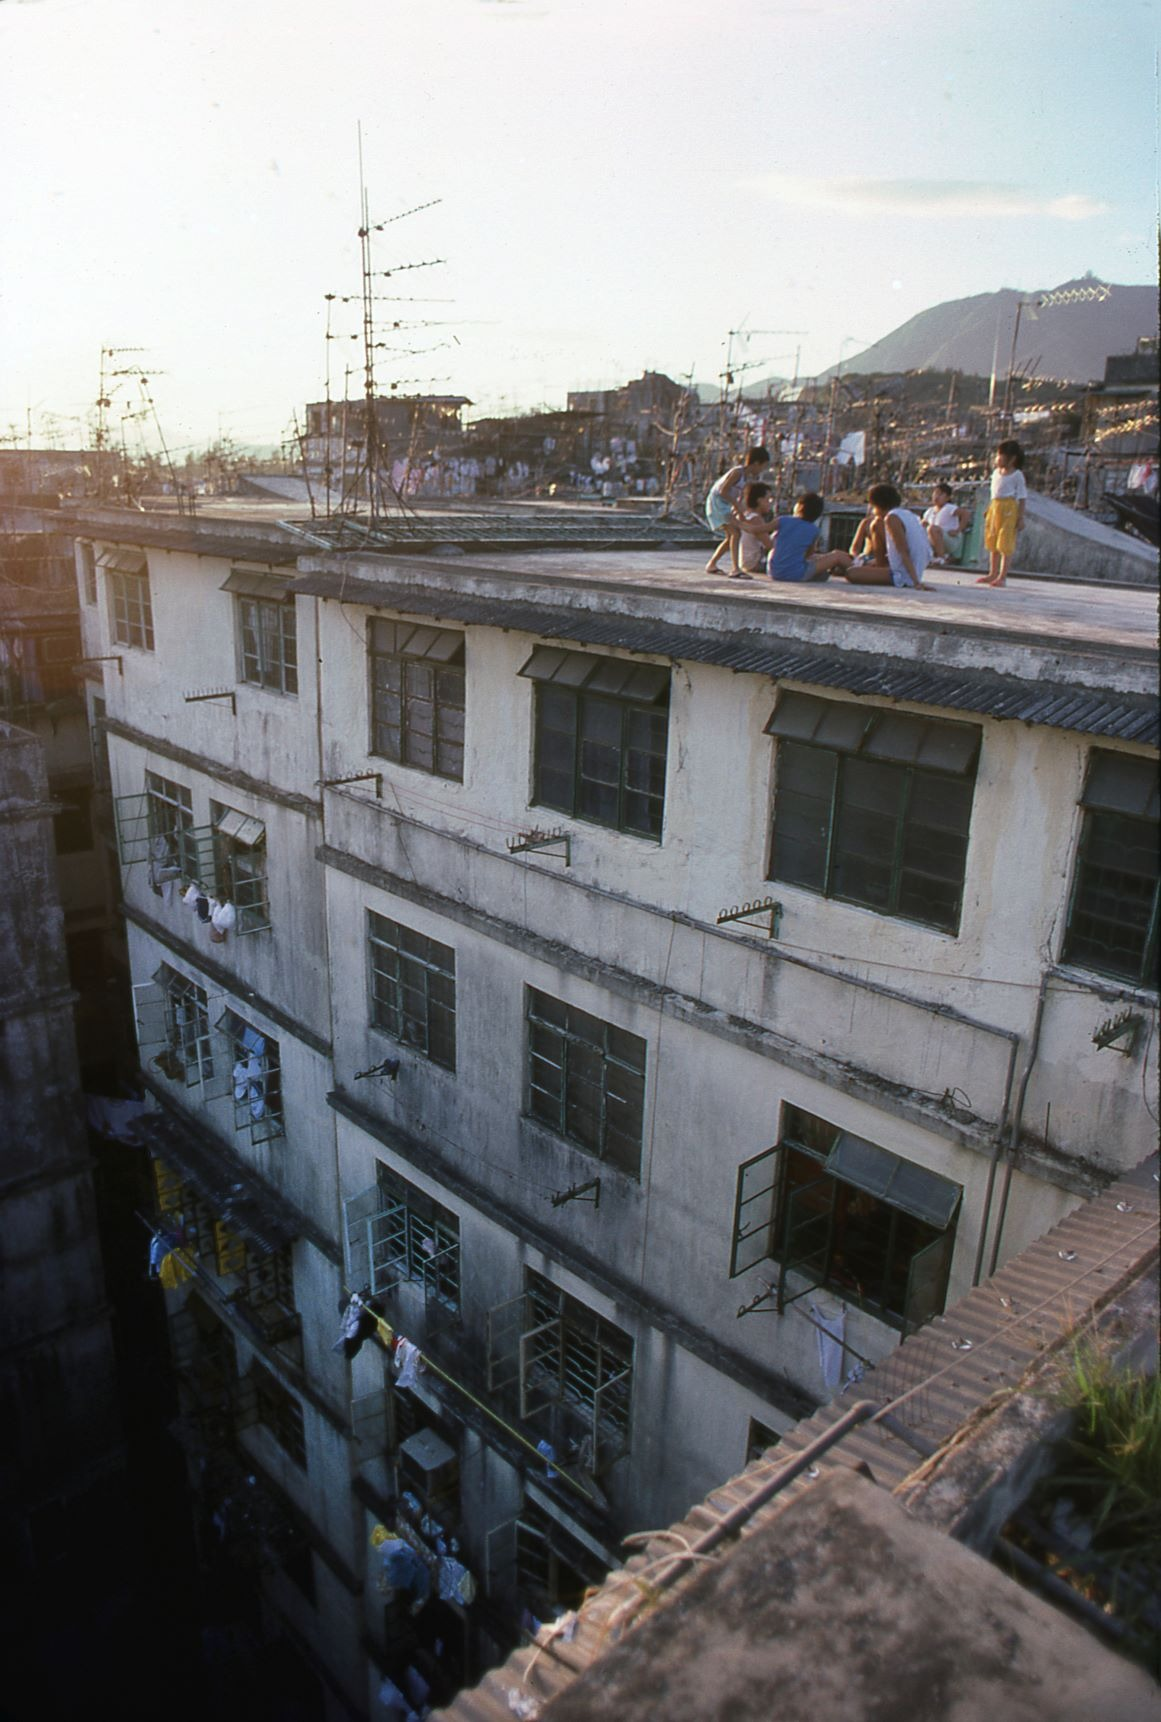 九龍城寨天台是兒童的嬉戲場所,但意外亦時有耳聞。(圖片來源:Getty)